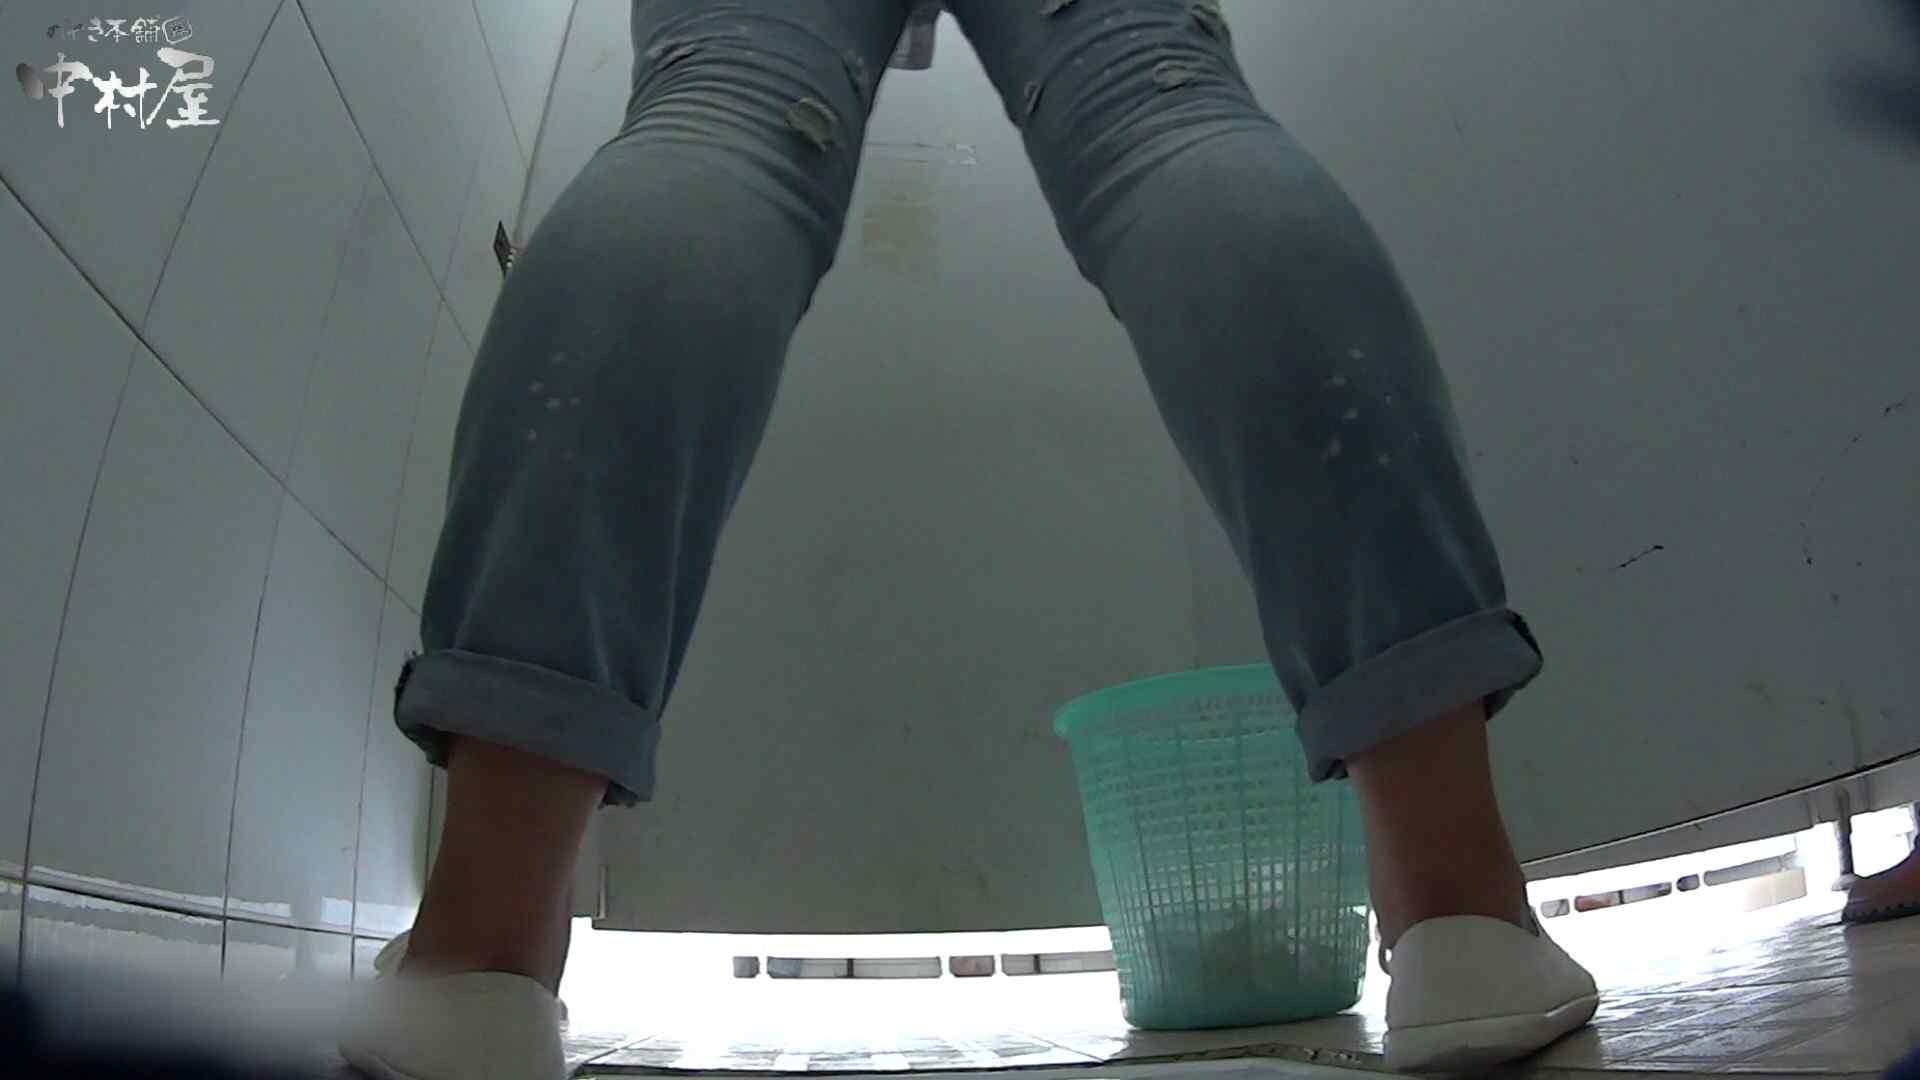 美しい女良たちのトイレ事情 有名大学休憩時間の洗面所事情06 高画質  101Pix 34